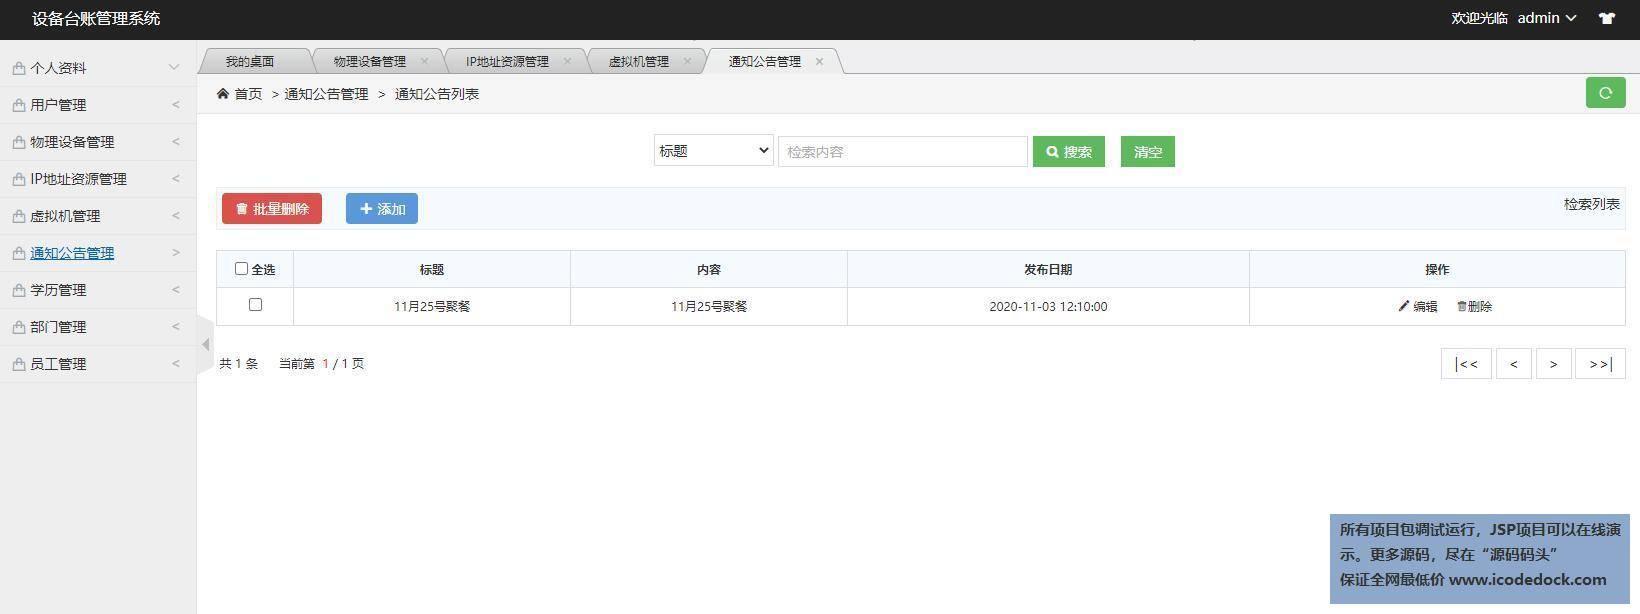 源码码头-SSM设备台账管理系统-管理员角色-通知公告管理